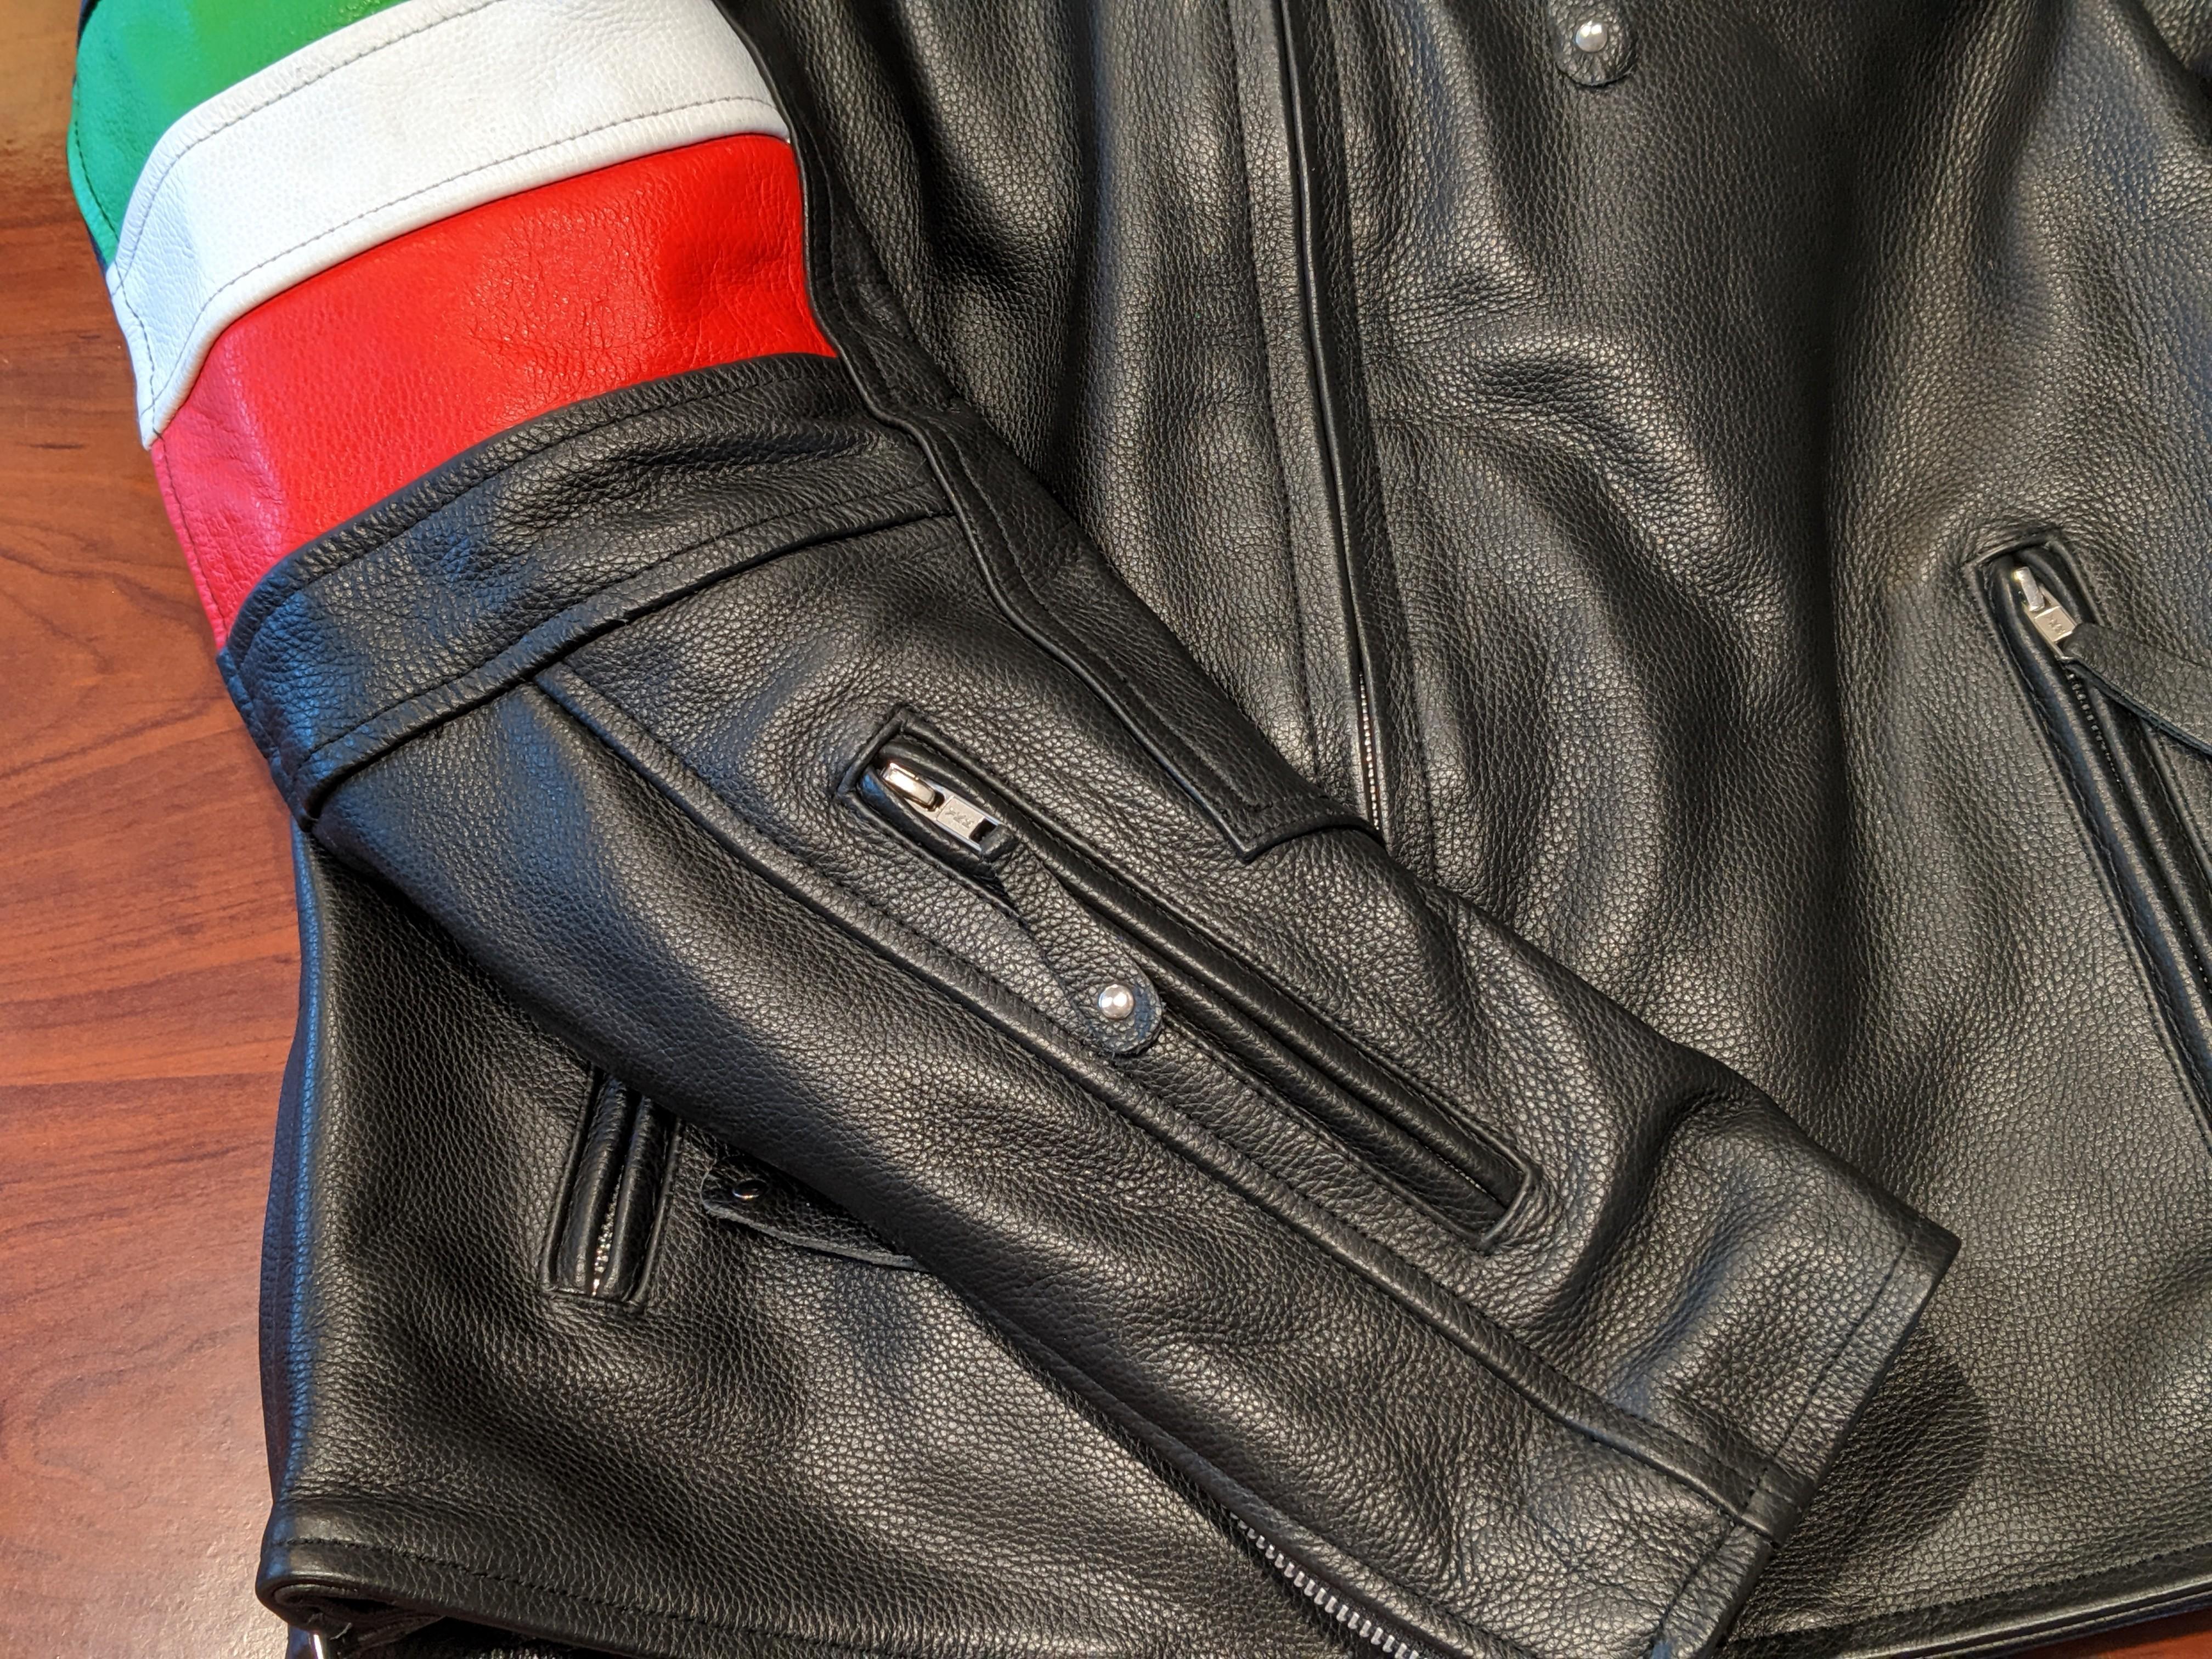 Benelli Logo'ed Leather Jackets-img_20191011_092132_1573052423289.jpg